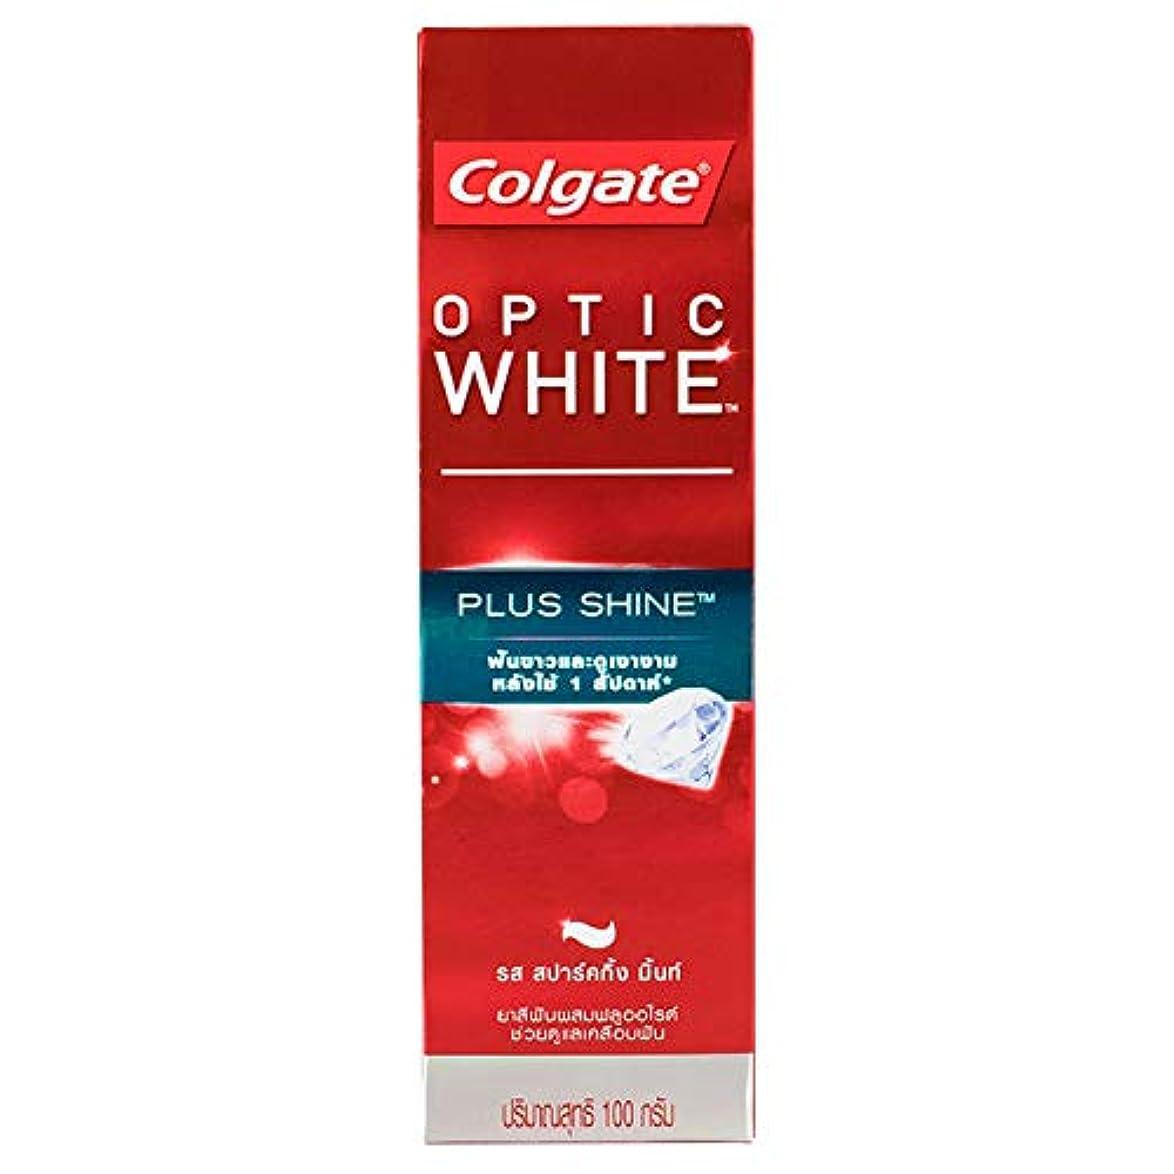 うぬぼれた痴漢バリア(コルゲート)Colgate 歯磨き粉 「オプティック ホワイト 」 (プラス シャイン)